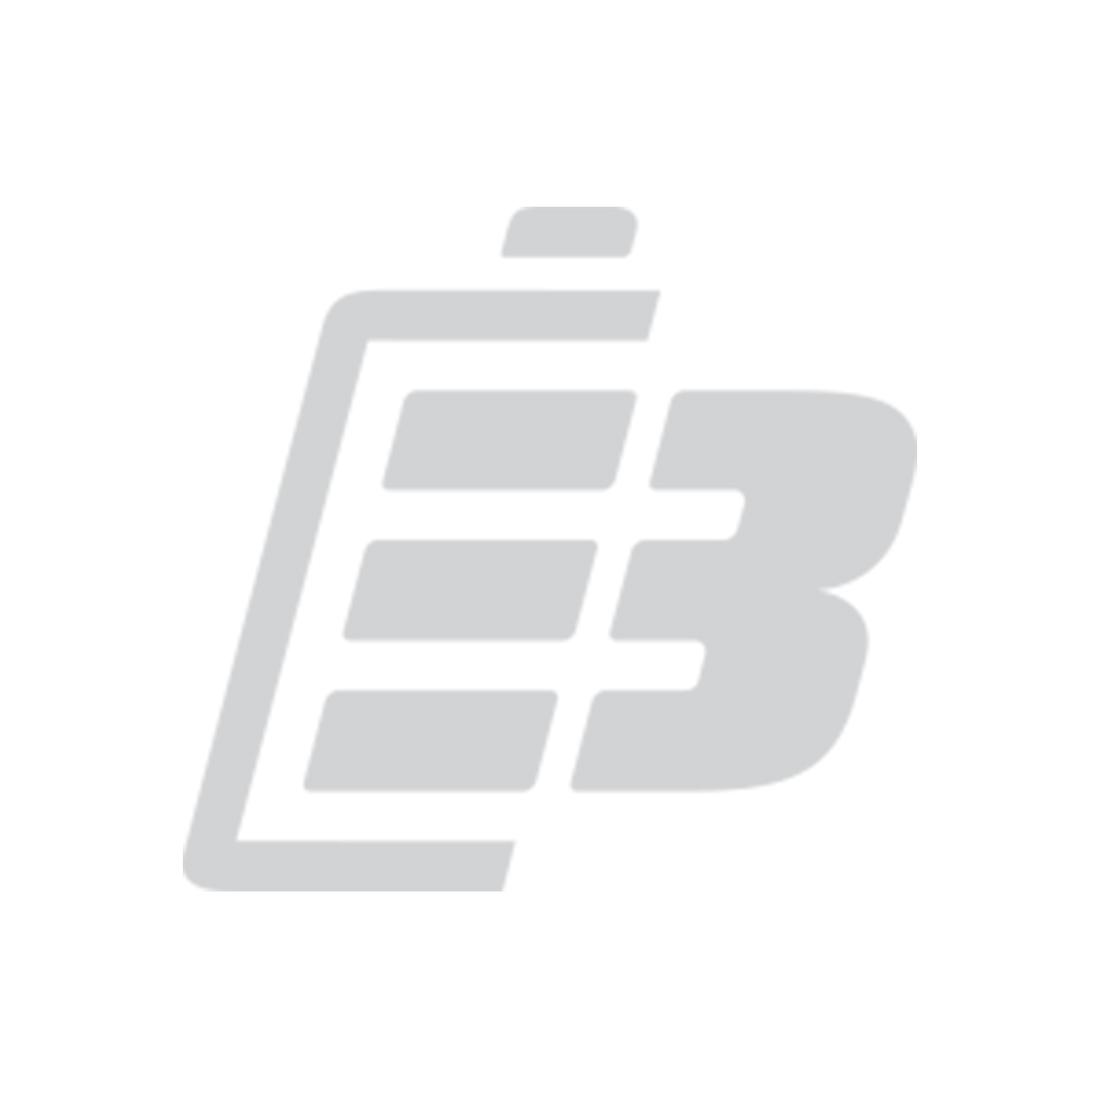 Μπαταρία Laptop Fujitsu Siemens Esprimo Mobile V5535_1